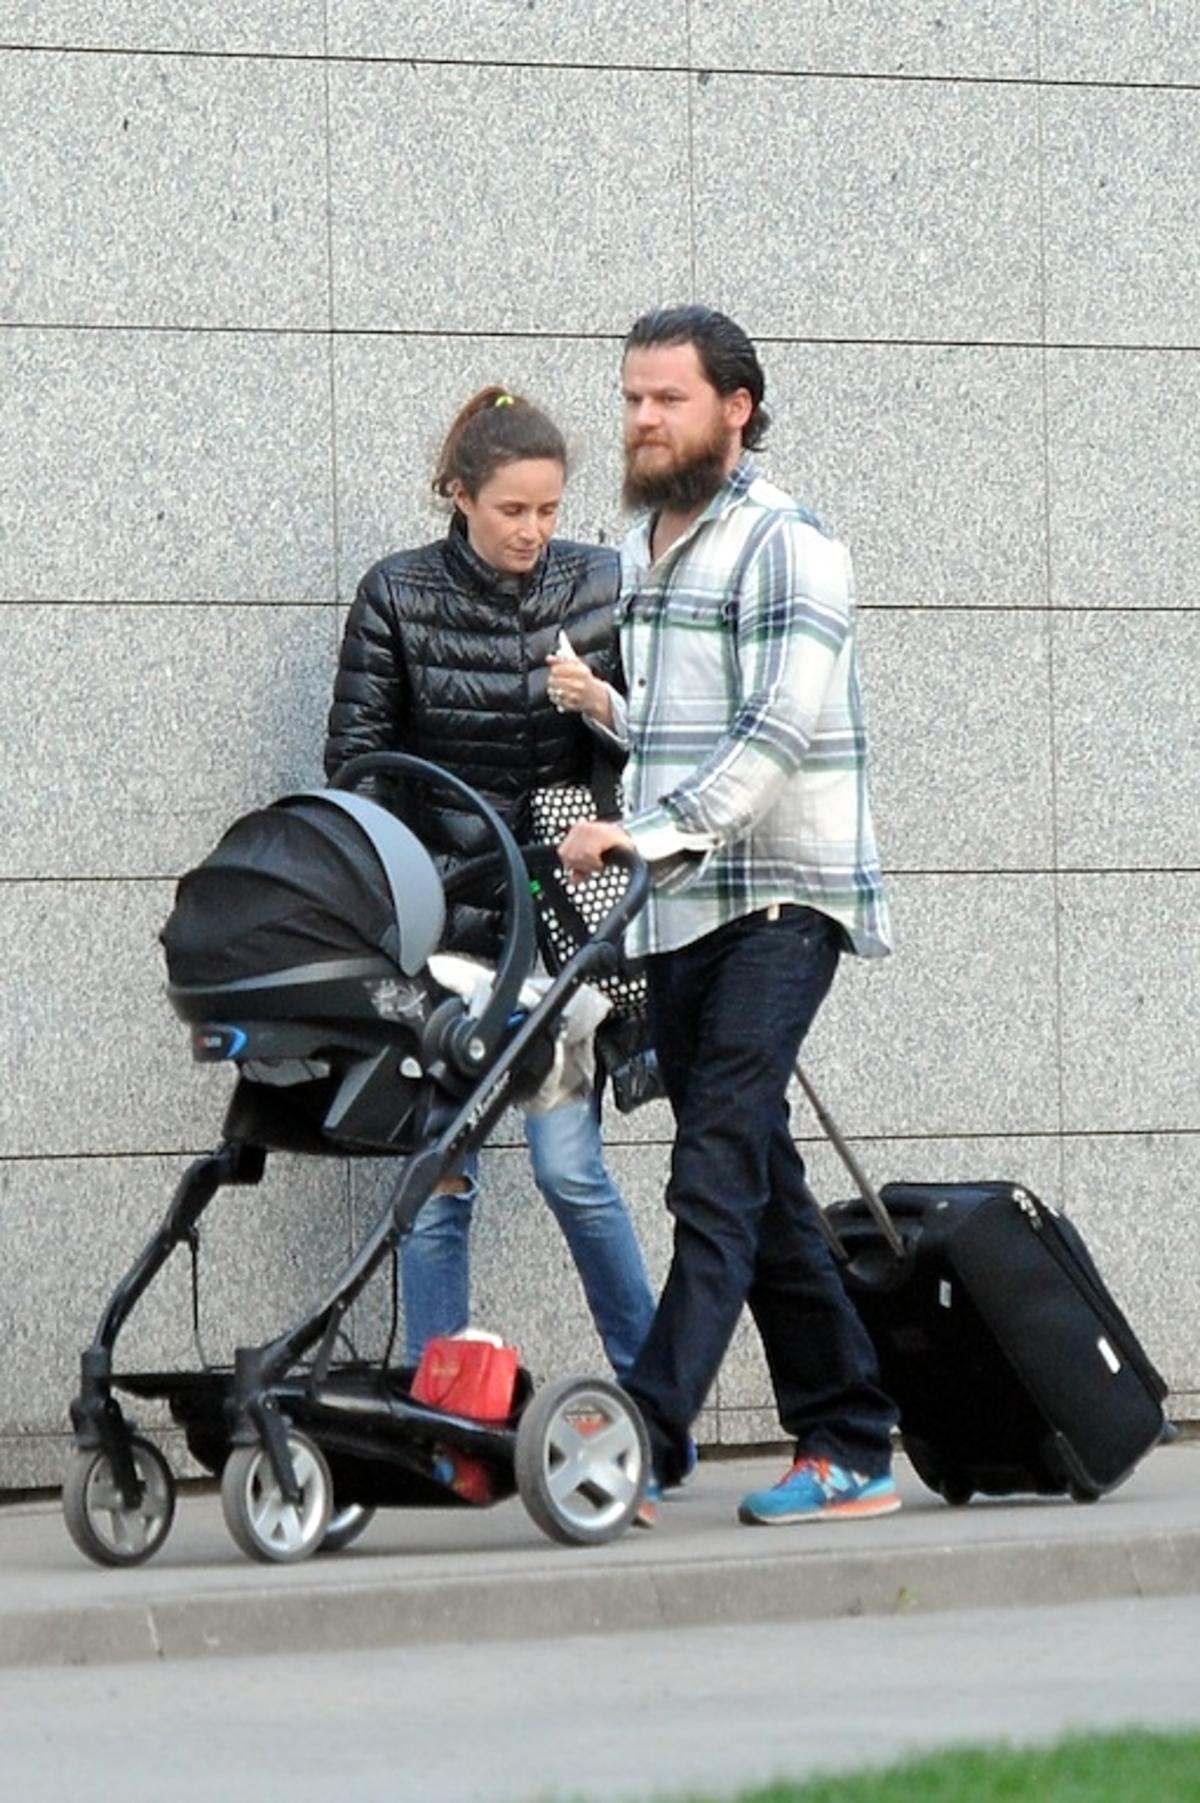 Monika Mrozowska z czarnej puchowej kurtce na spacerze z synem i narzeczonym